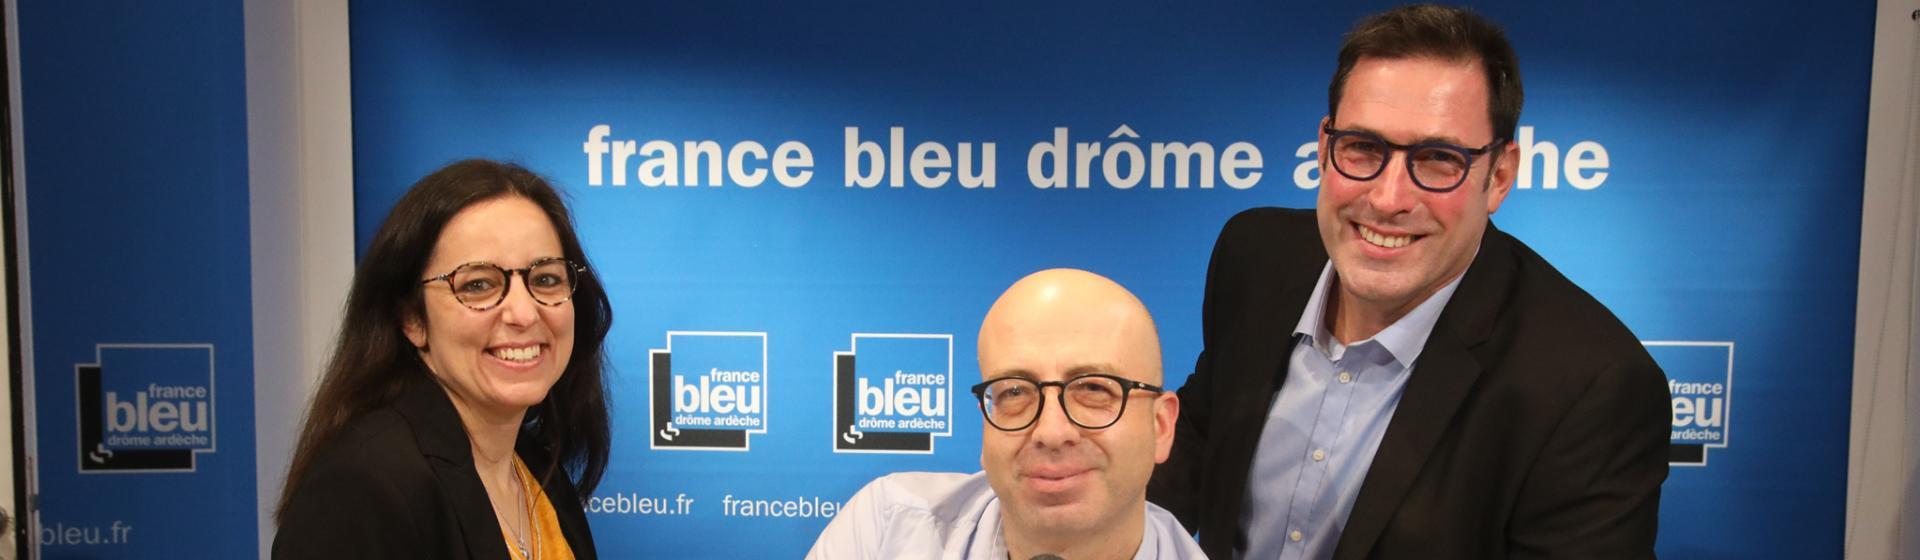 La matinale de France Bleu Drôme-Ardèche sur France 3 sera présentée par Florence Gotschaux Philippe Costa et Emmanuel Champale